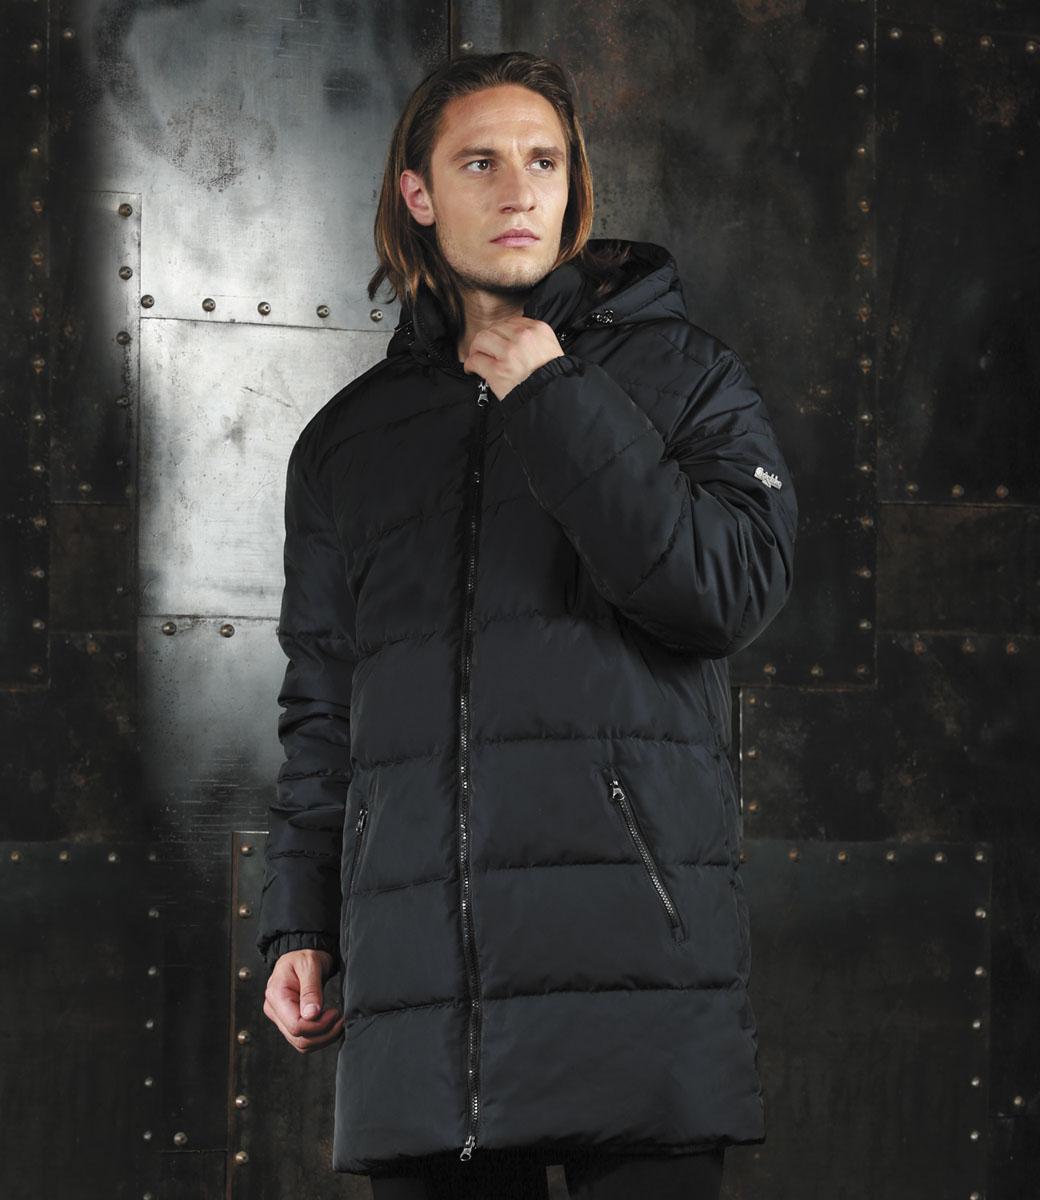 Куртка мужская Grishko, цвет: черный. AL-2976. Размер 48AL-2976Мужская удлинённая куртка Grishko, выполненная из полиамида, придаст образу безупречный стиль. Подкладка изготовлена из гладкого и приятного на ощупь материала. В качестве утеплителя используется полиэфирное волокно, который отлично сохраняет тепло.Куртка прямого кроя с капюшоном и воротником-стойкой застегивается на застежку-молнию с двумя бегунками. С внутренней стороны расположена ветрозащитная планка. Край капюшона дополнен шнурком-кулиской. Низ рукавов собран на резинку. Спереди расположено два прорезных кармана на застежке-молнии, с внутренней стороны - прорезной карман на молнии. Изделие оформлено фирменным логотипом.Такая практичная и теплая куртка послужит отличным дополнением к вашему гардеробу!